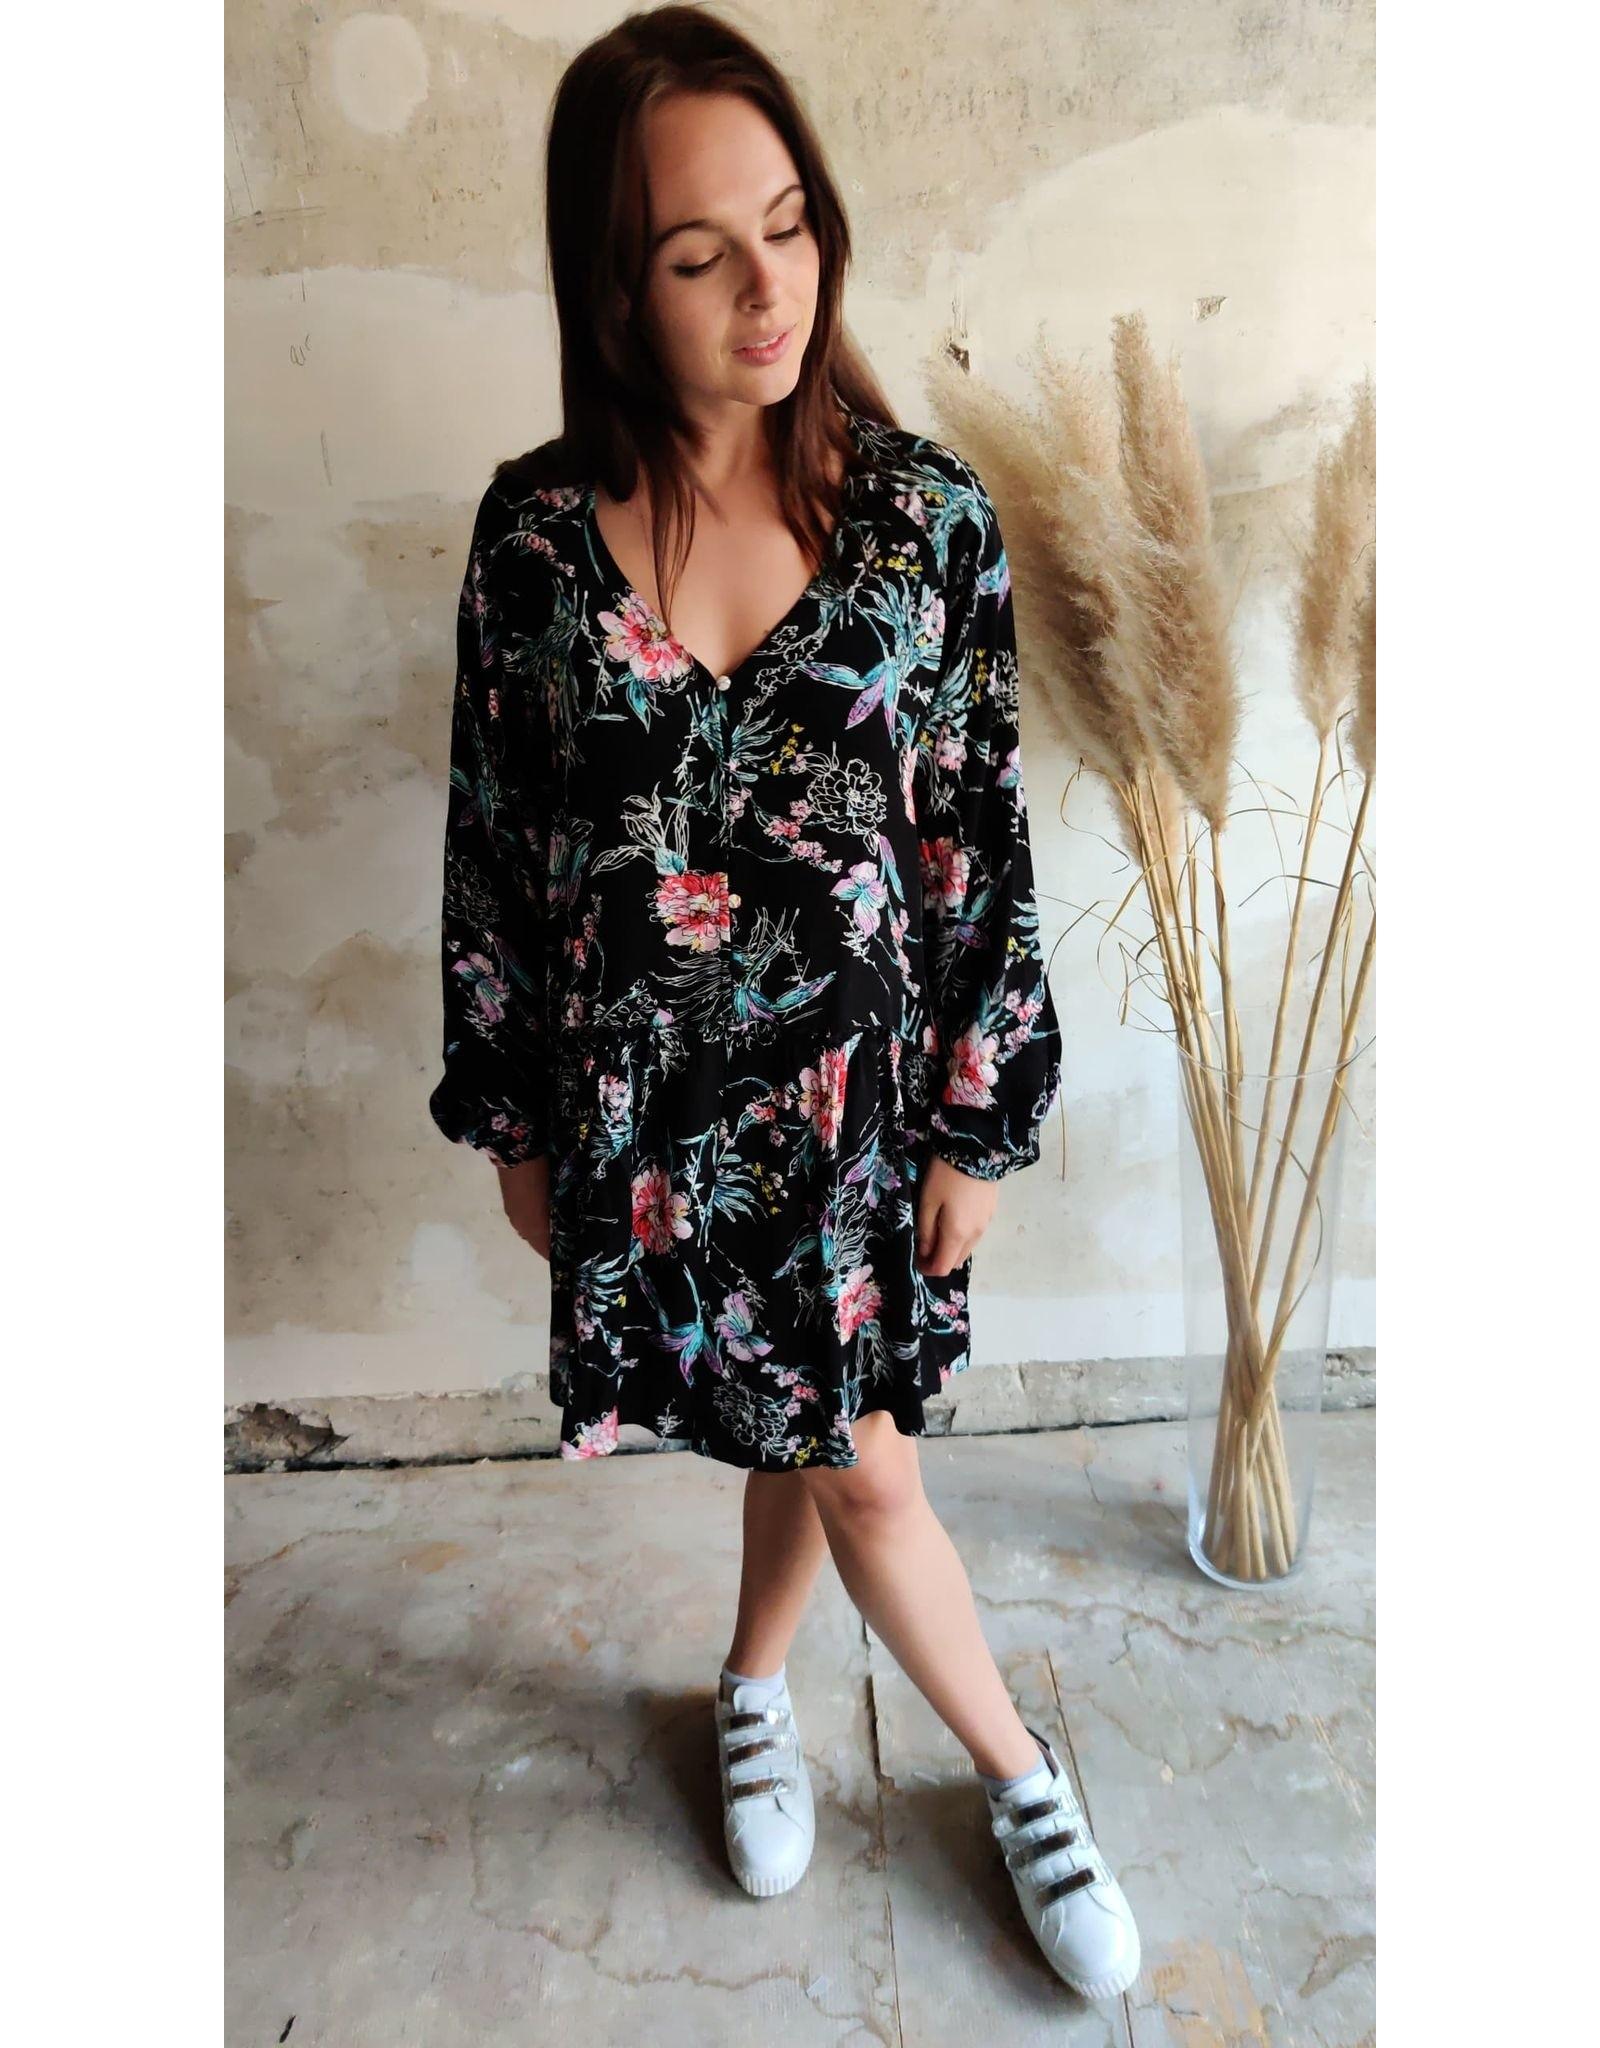 ROSS FLORAL DRESS BLACK